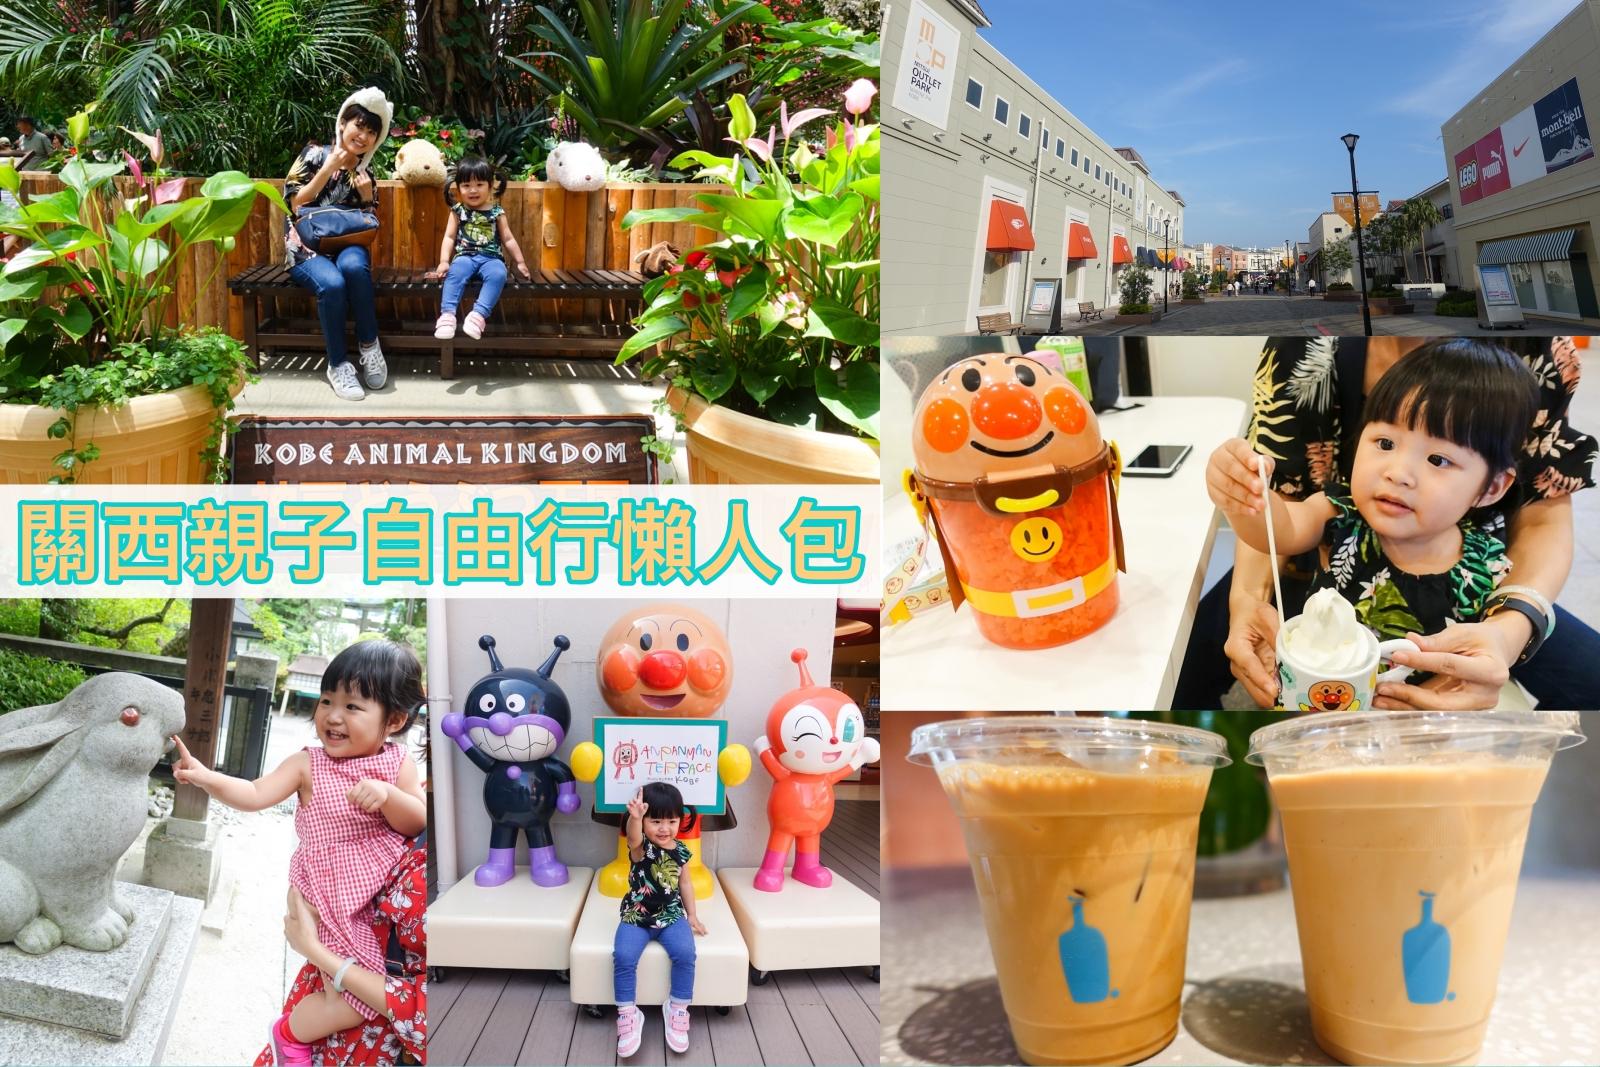 【必看】 日本 關西親子自由行懶人包 景點美食行程規劃|機票飯店總花費戰利品分享!